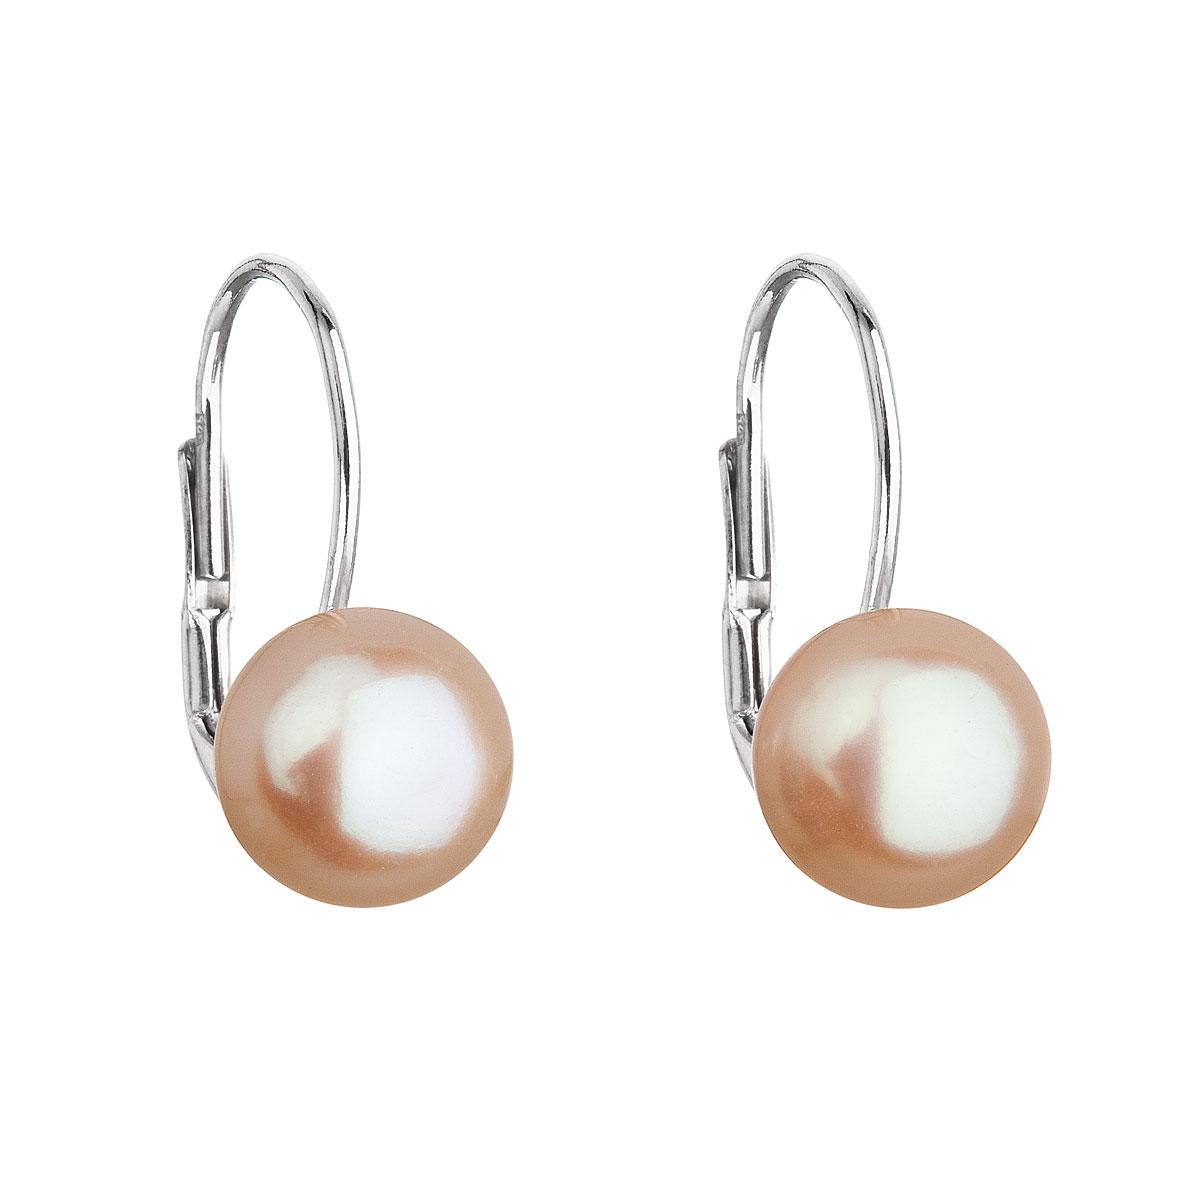 Evolution Group Stříbrné náušnice visací s oranžovou říční perlou 21044.3